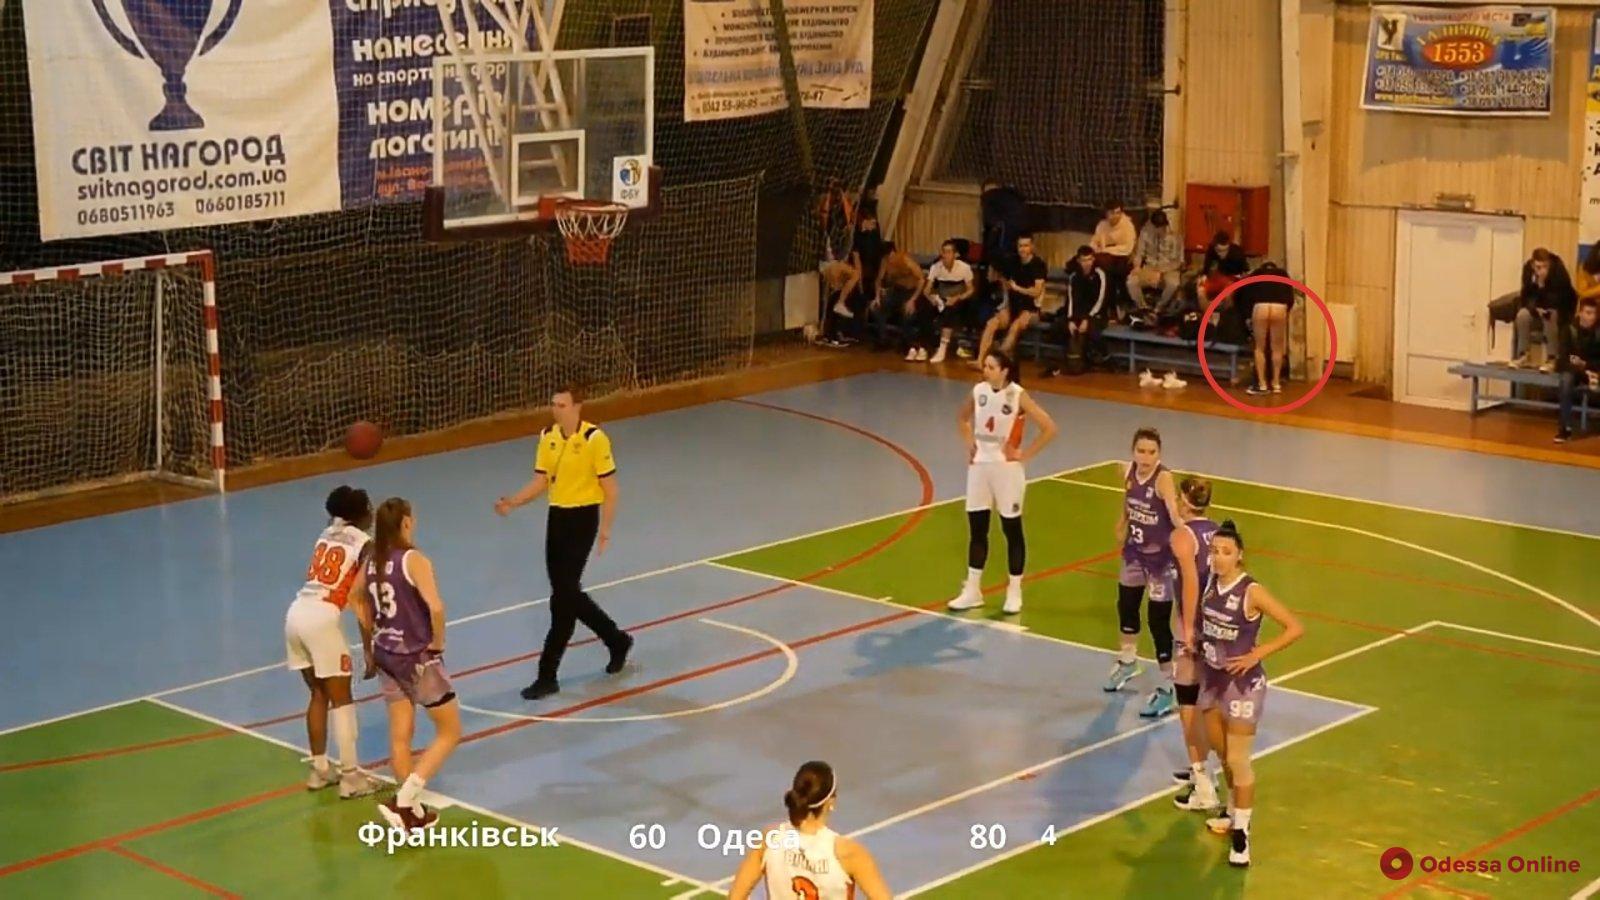 Голая «пятая точка» мужчины «засветилась» в прямой трансляции матча женской баскетбольной Суперлиги